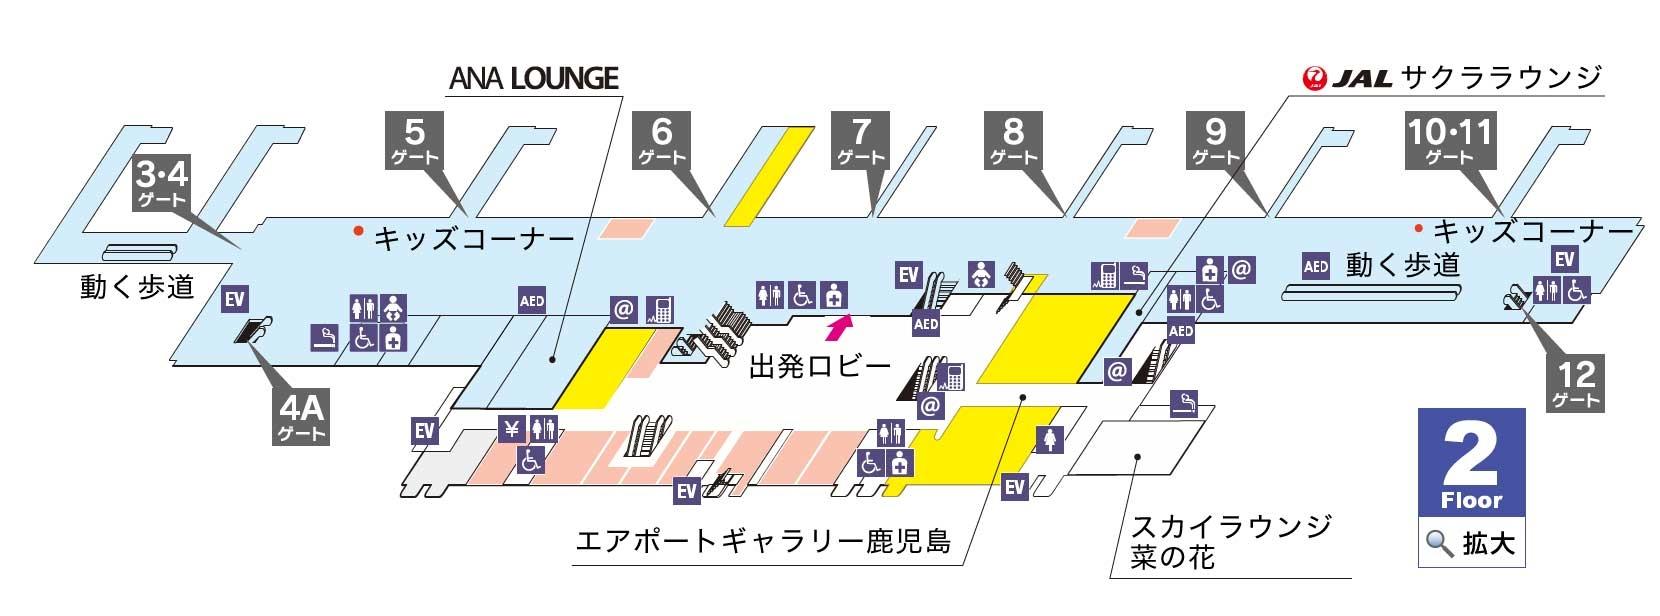 鹿児島空港MAP